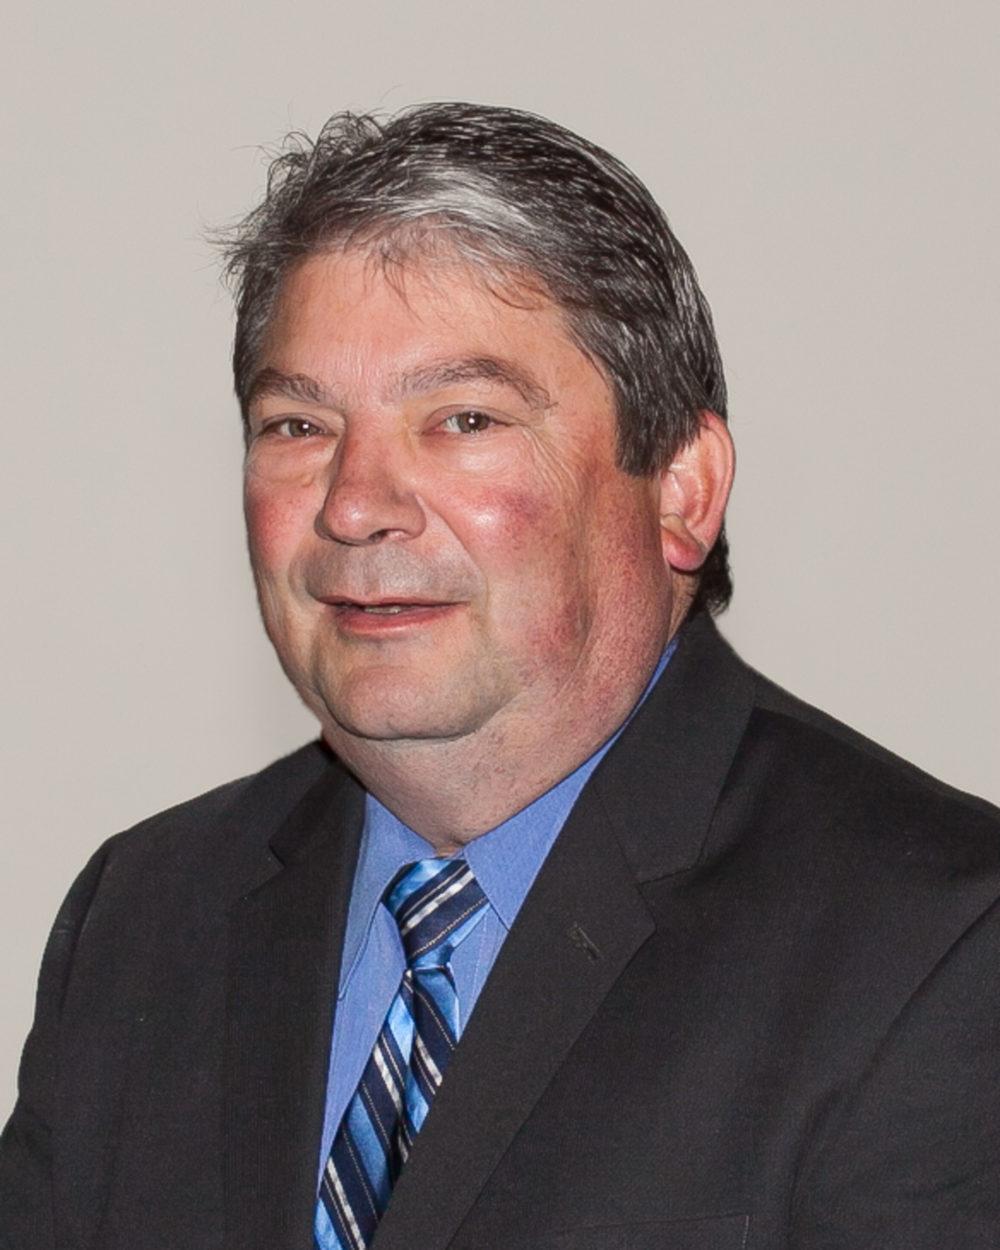 <b>Steve Musser </b>